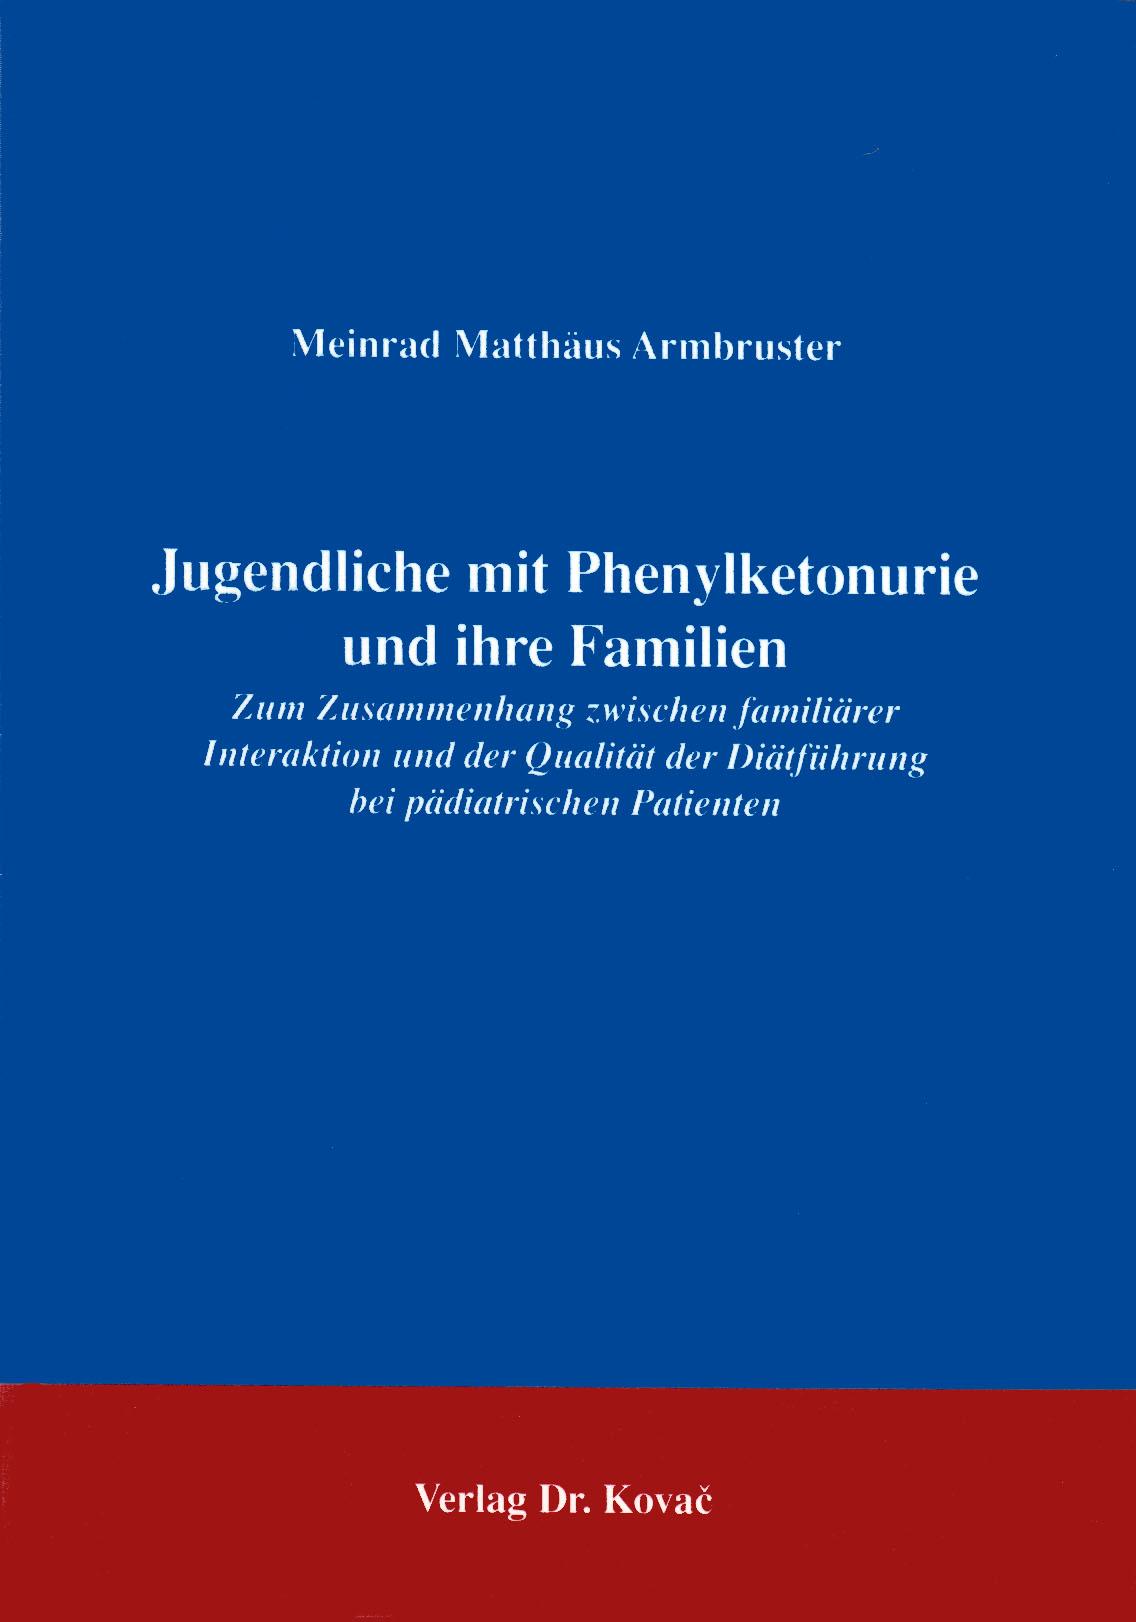 Cover: Jugendliche mit Phenylketonurie und ihre Familien